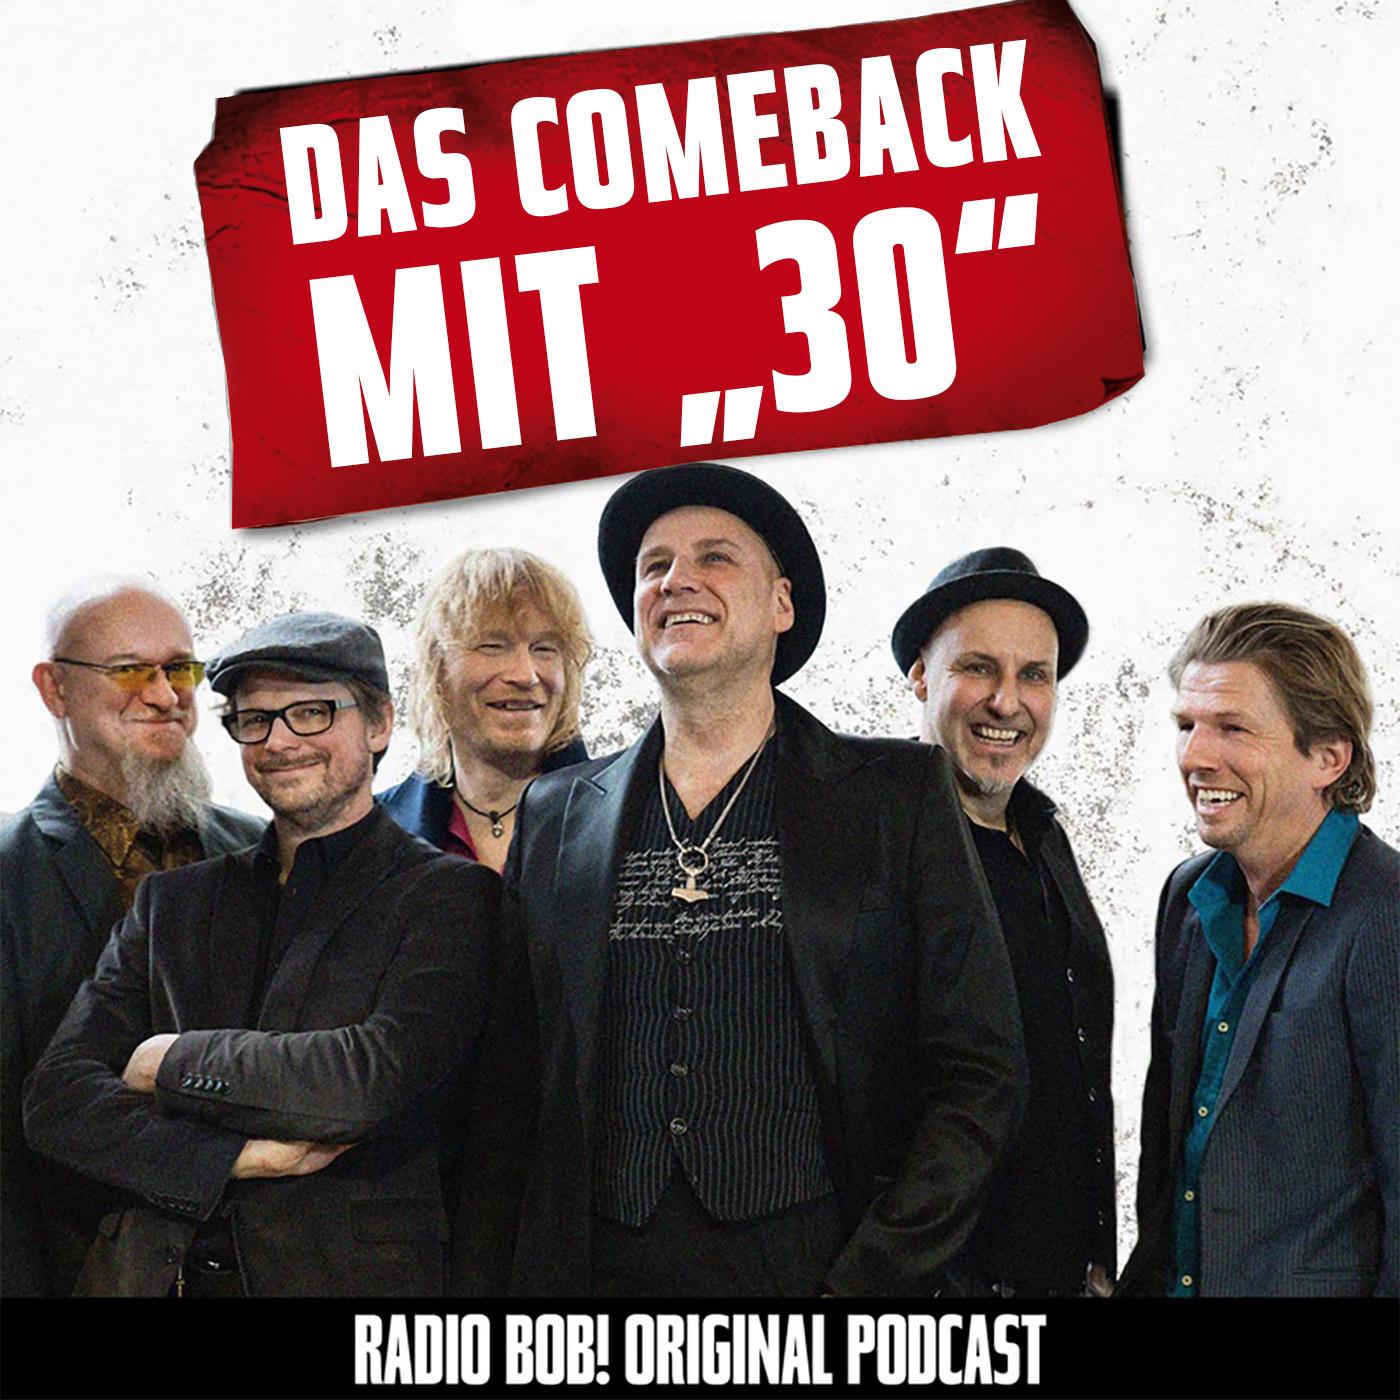 #13 - Das Comeback mit 30